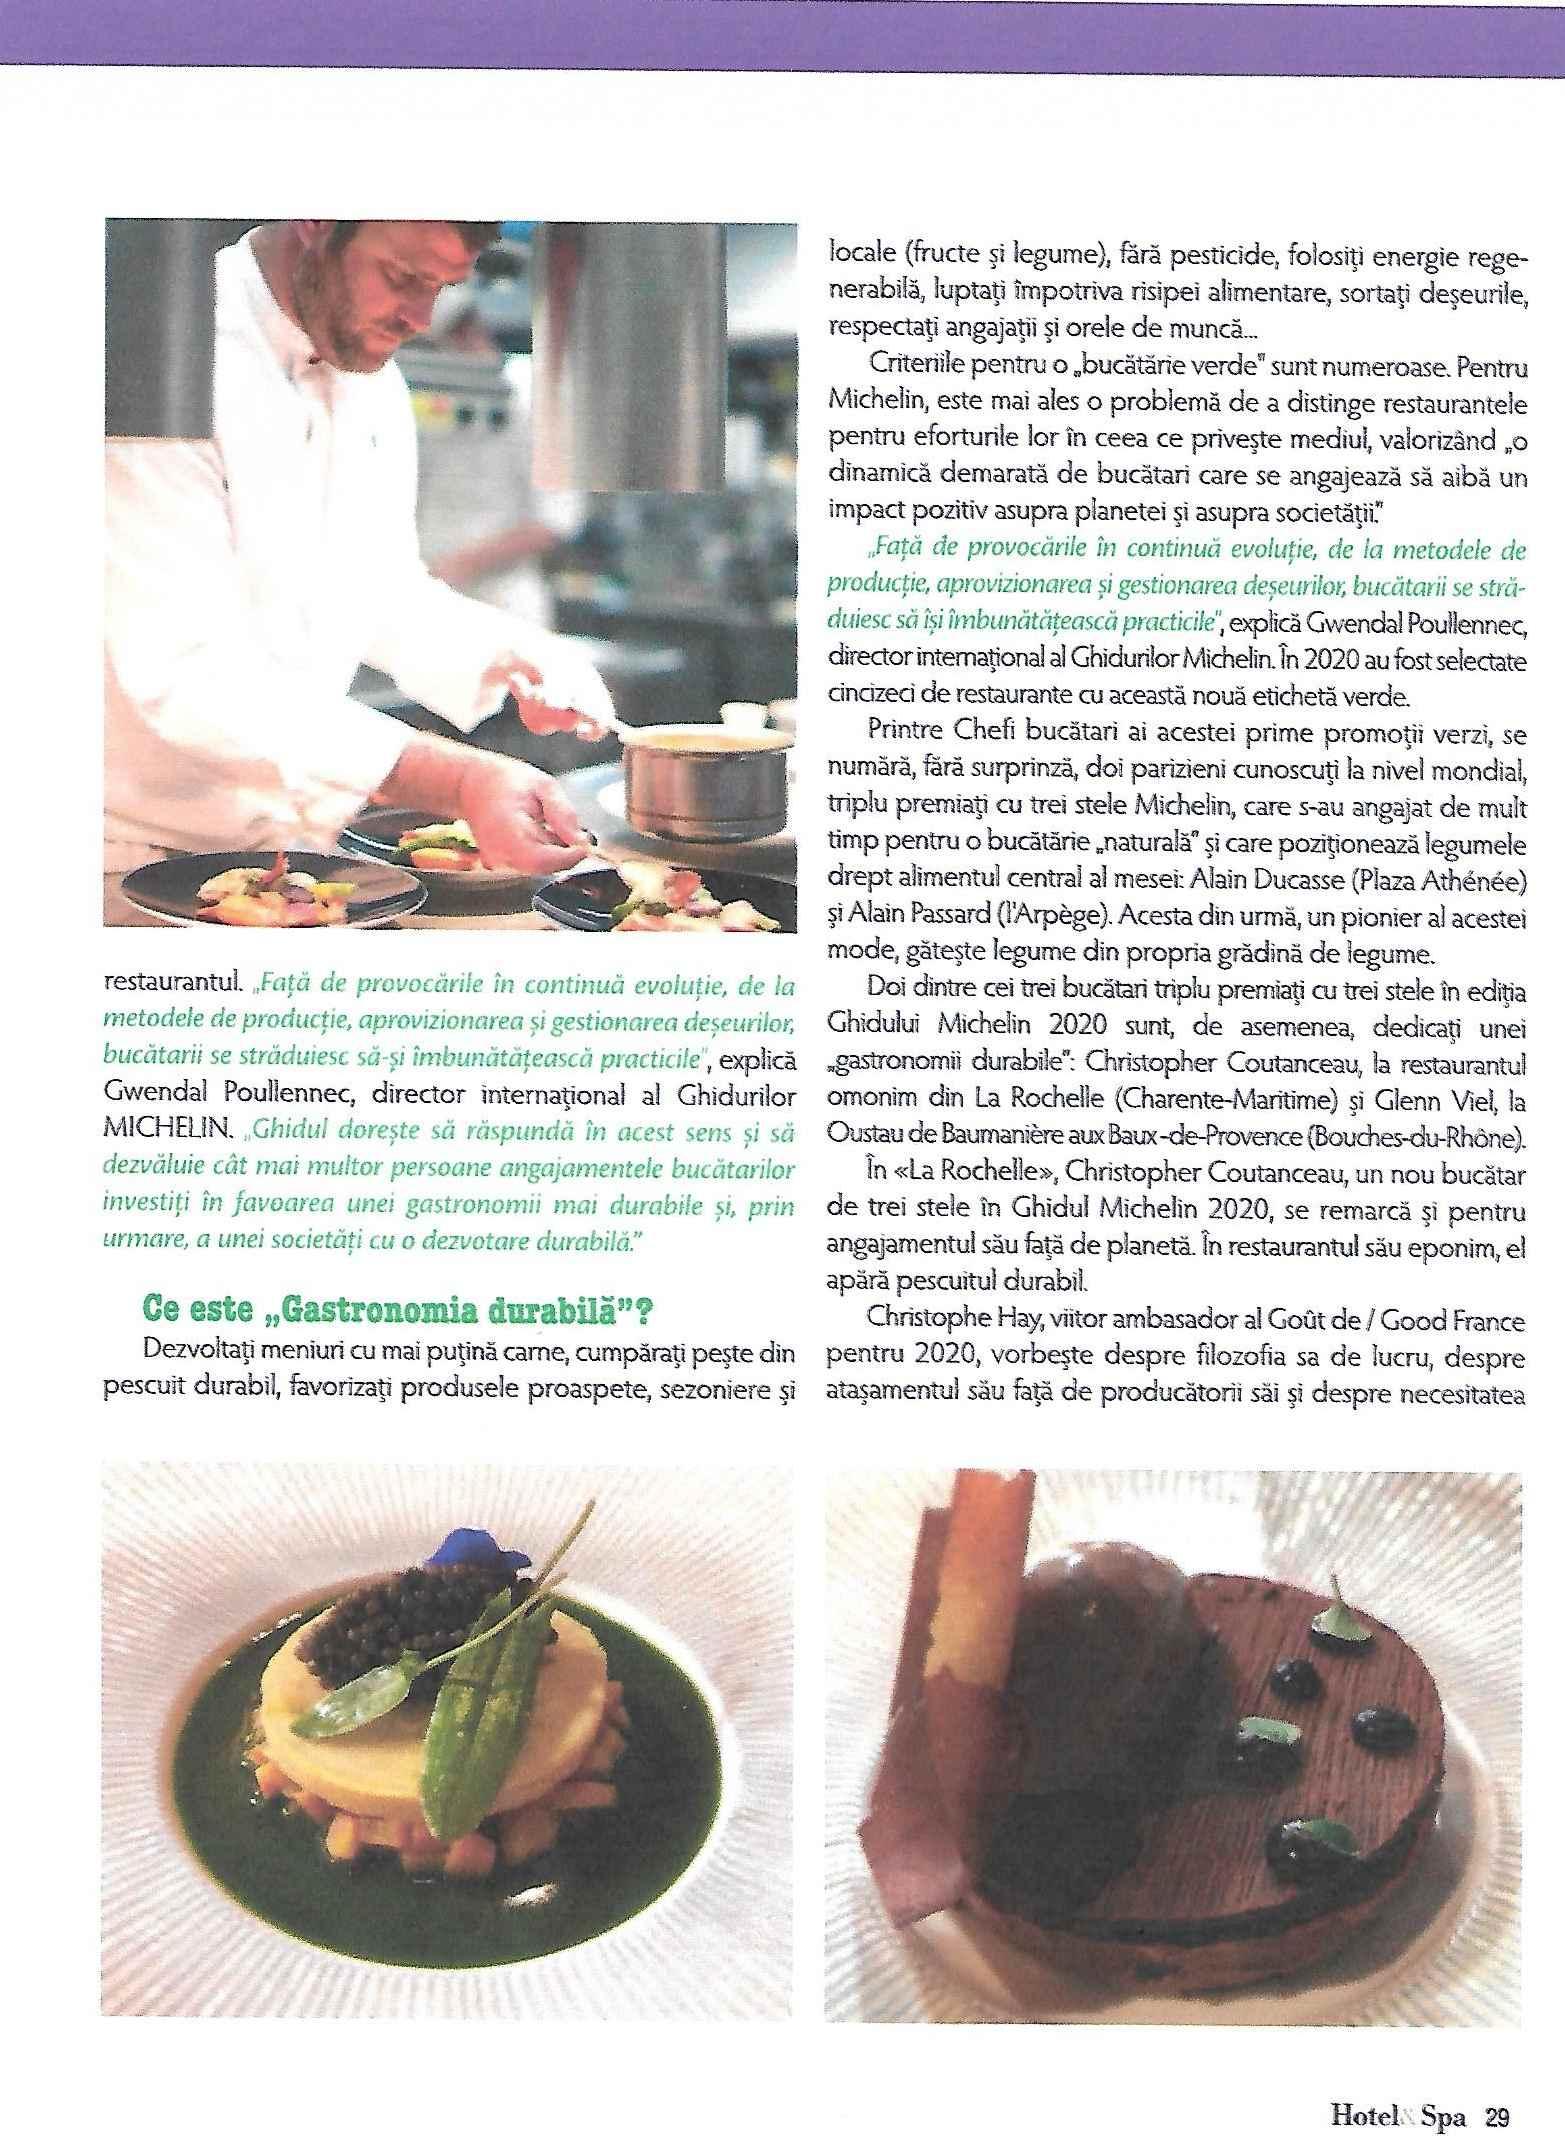 Spa magazine février 2020. gastronomie durable0002